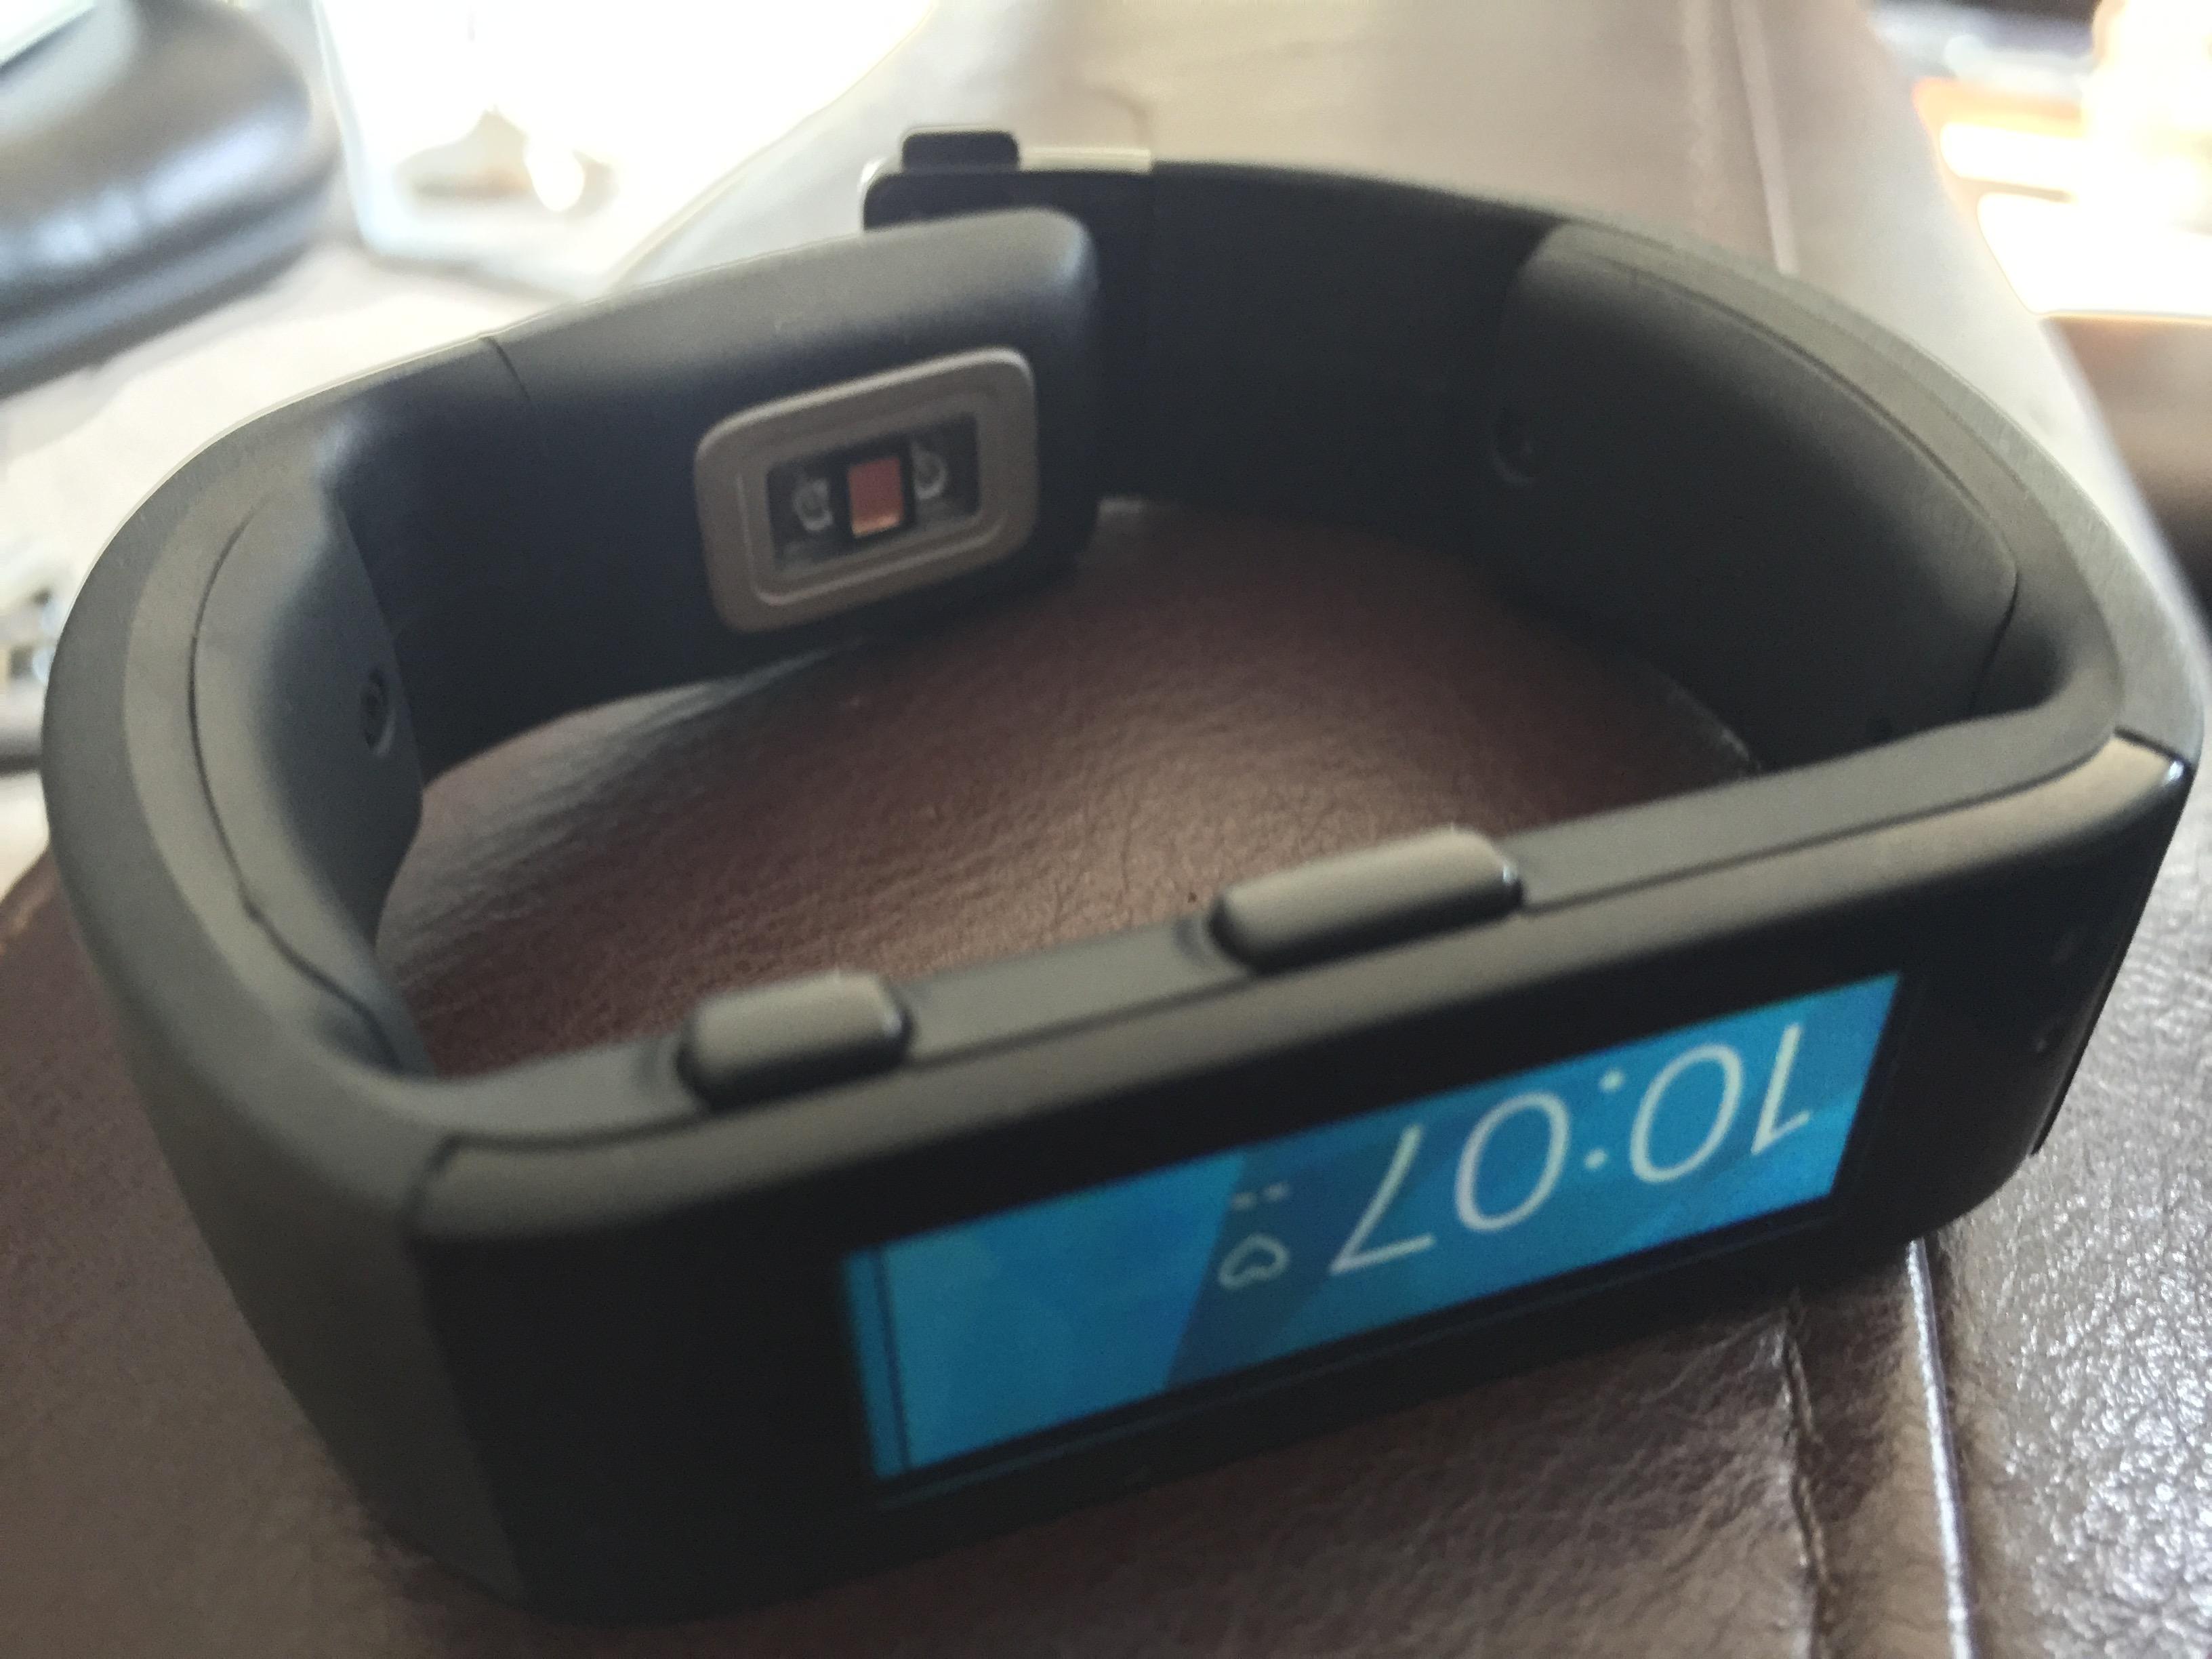 Microsoft Band sensor and buttons